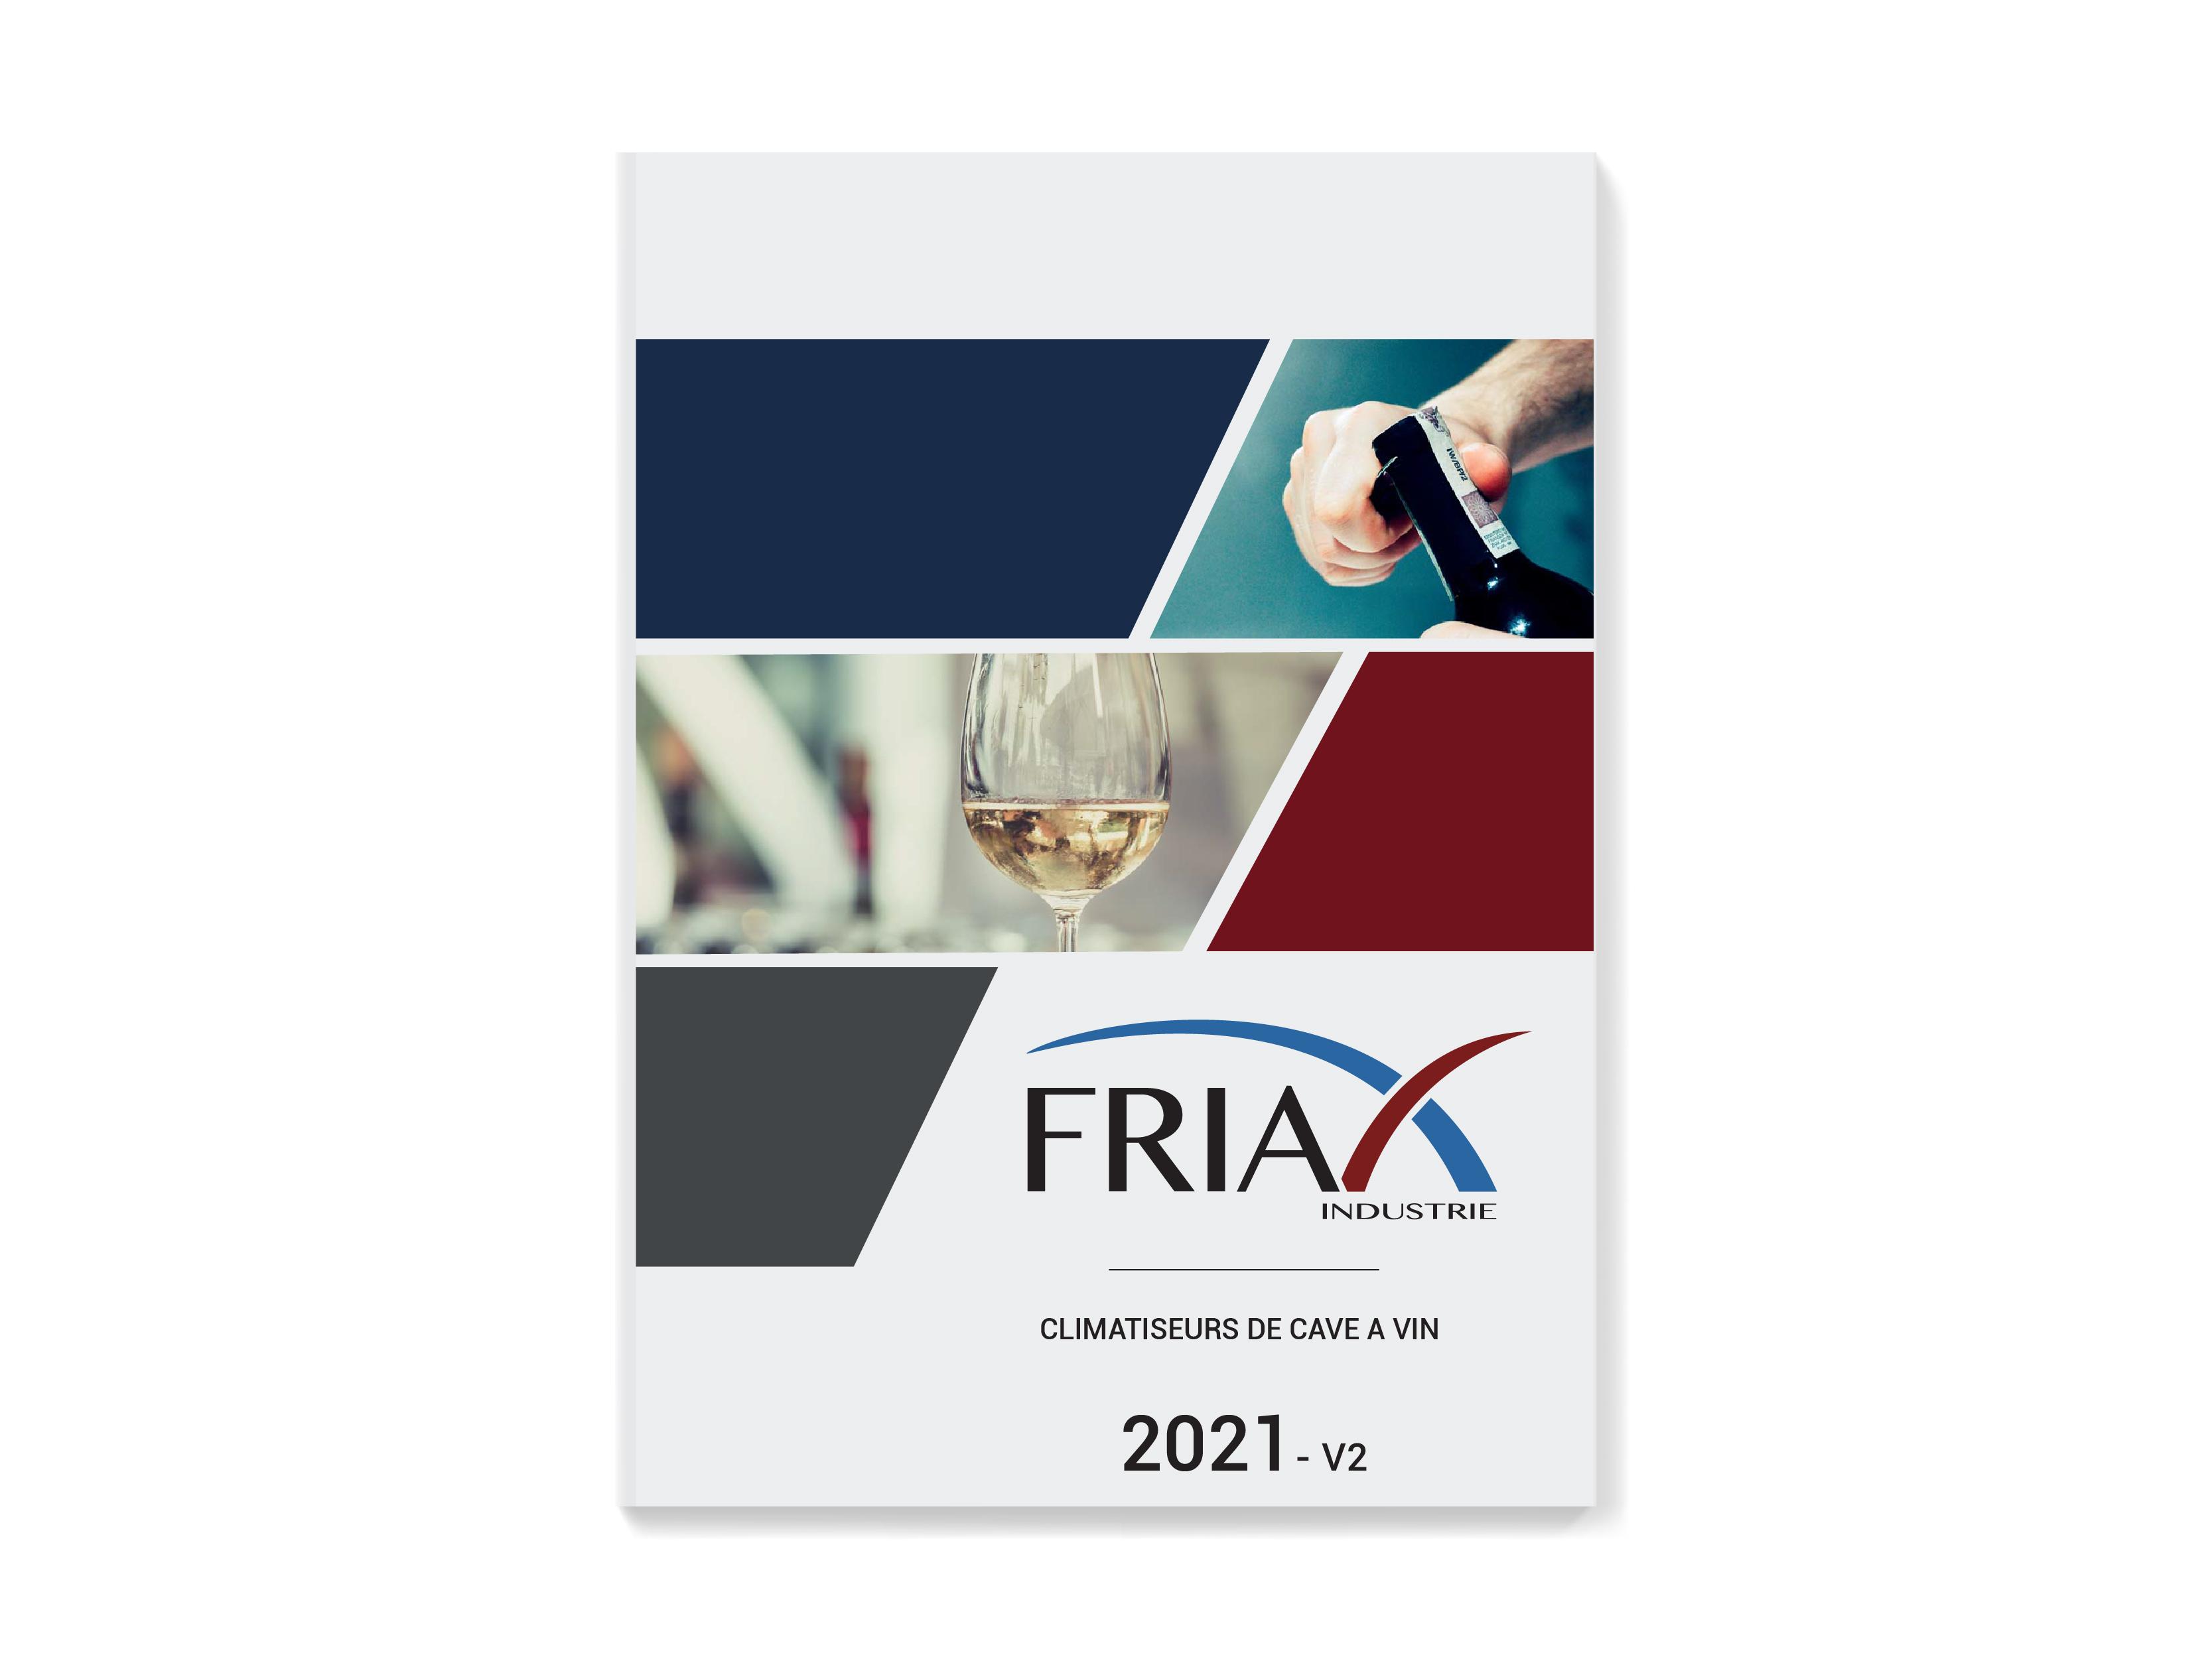 FRIAX • NOUVEAUTÉS 2021